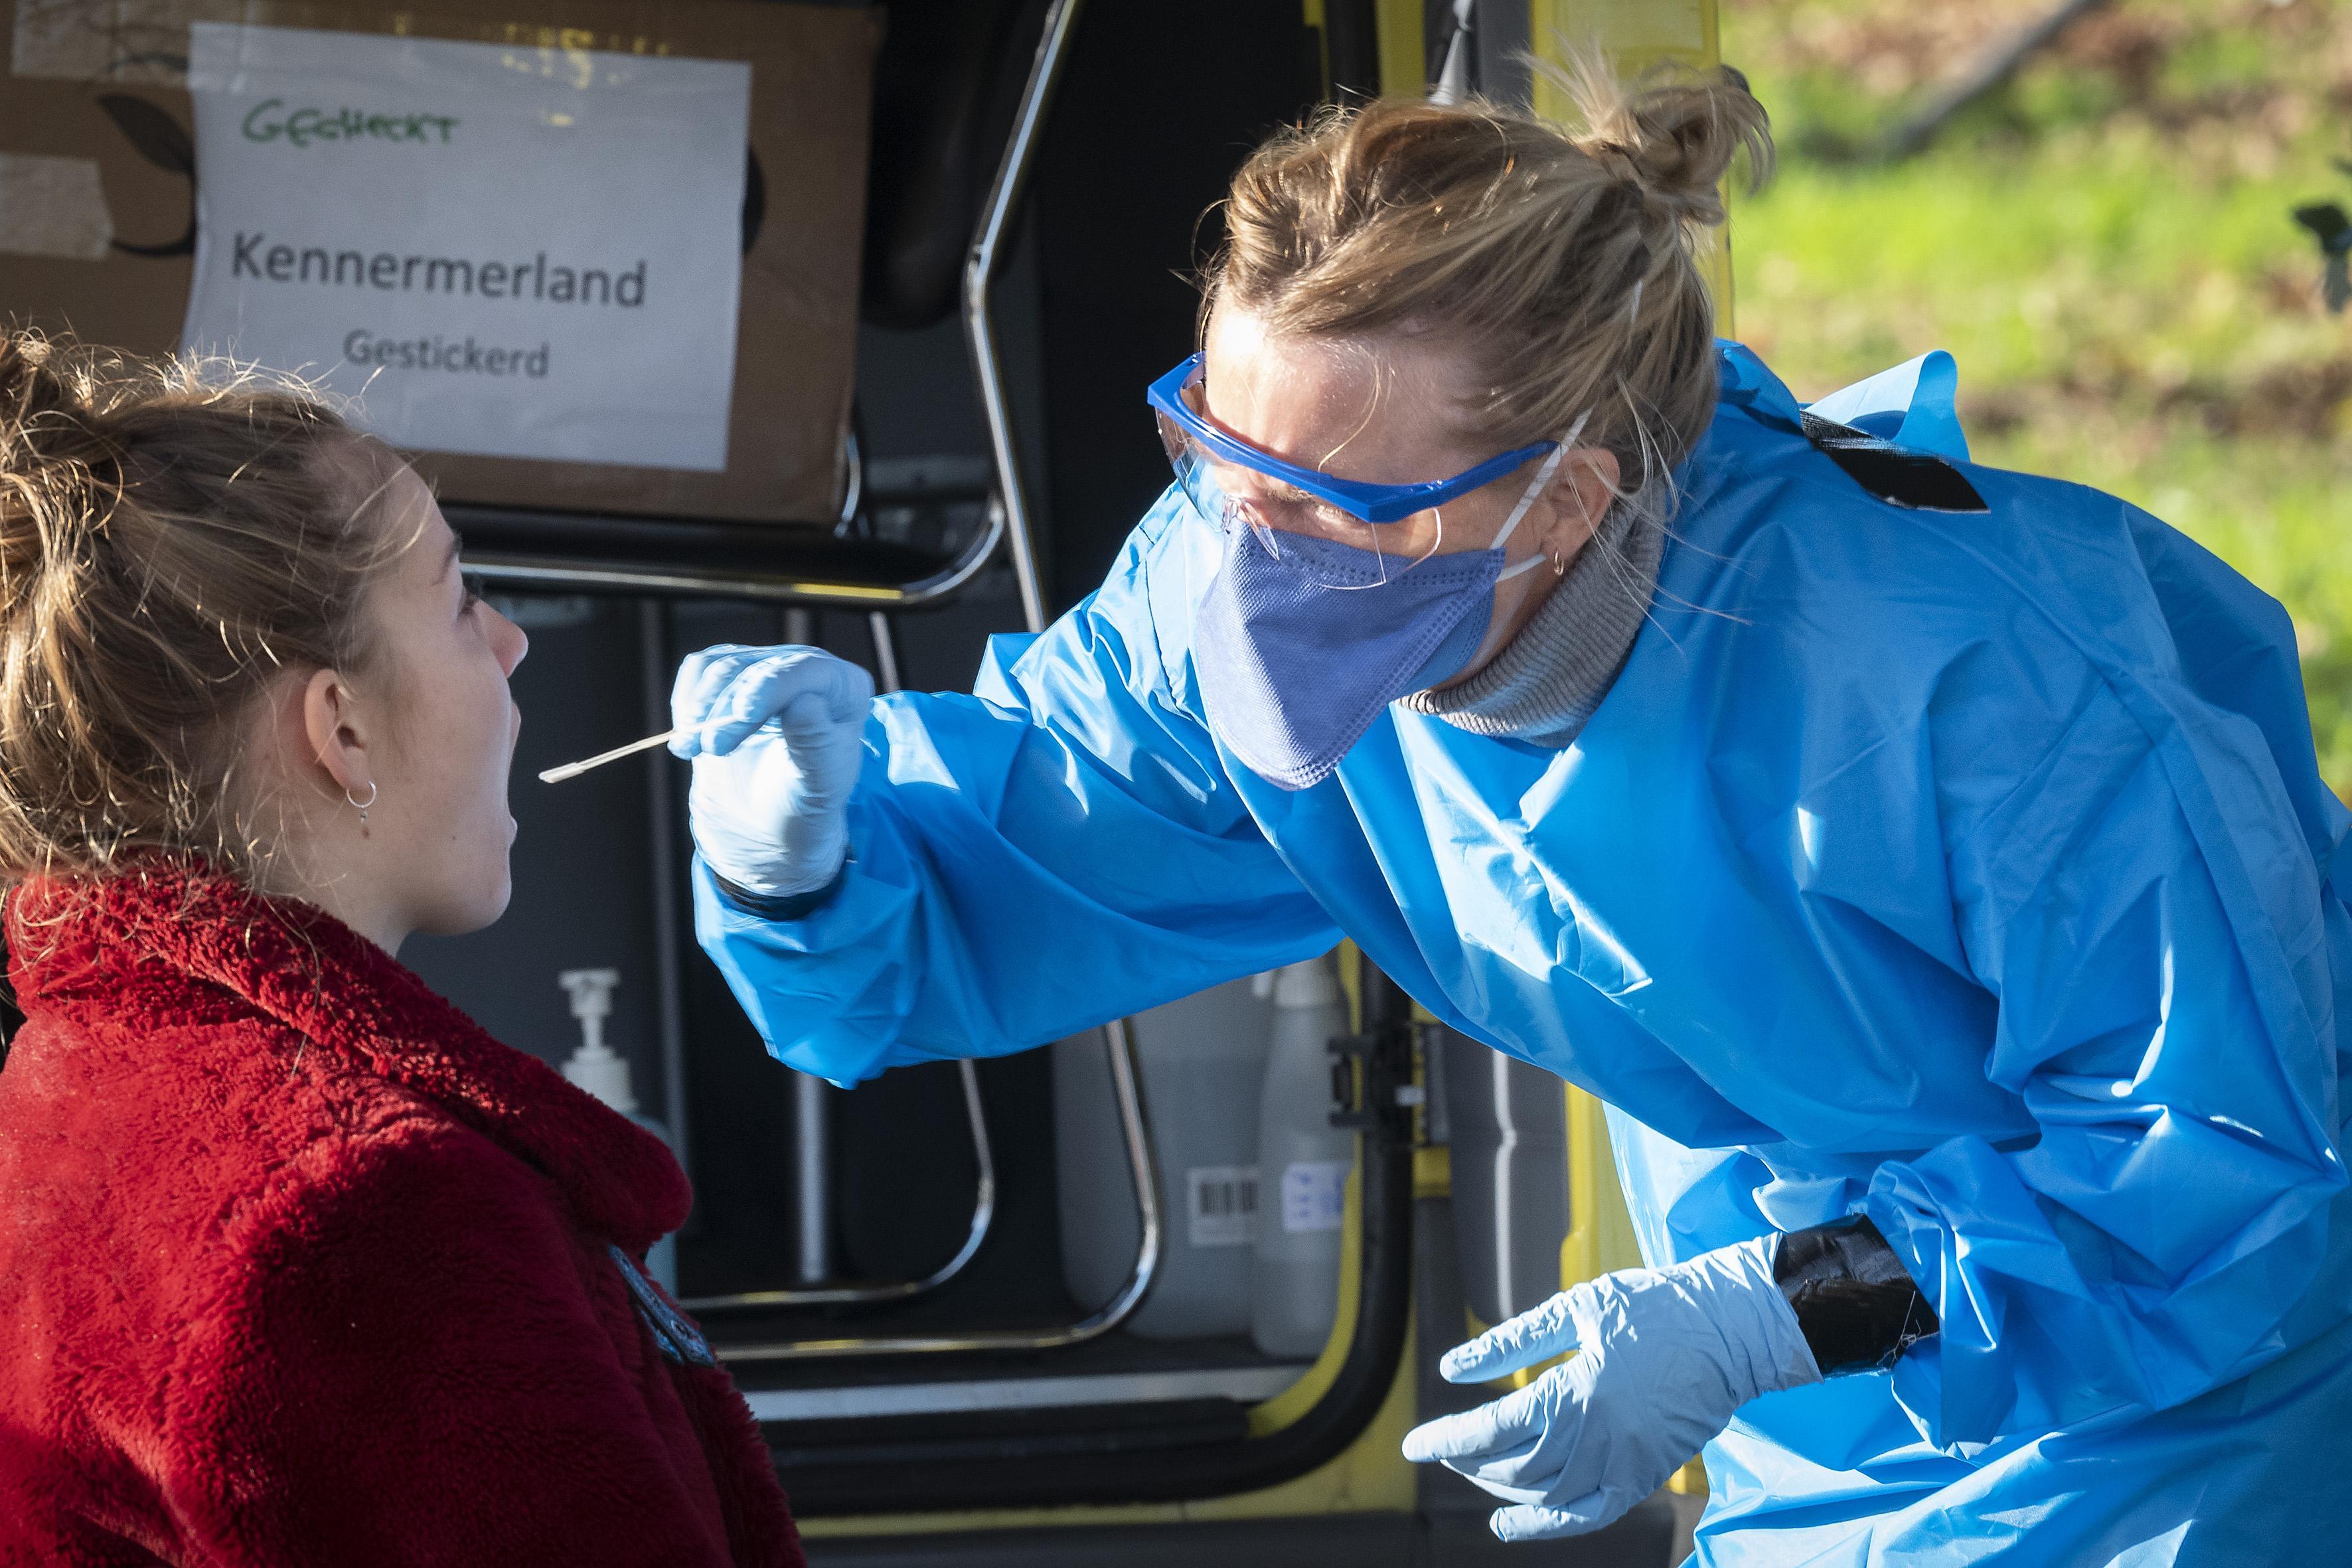 Coronacijfers zondag: Aantal coronabesmettingen schommelt in Haarlemse regio